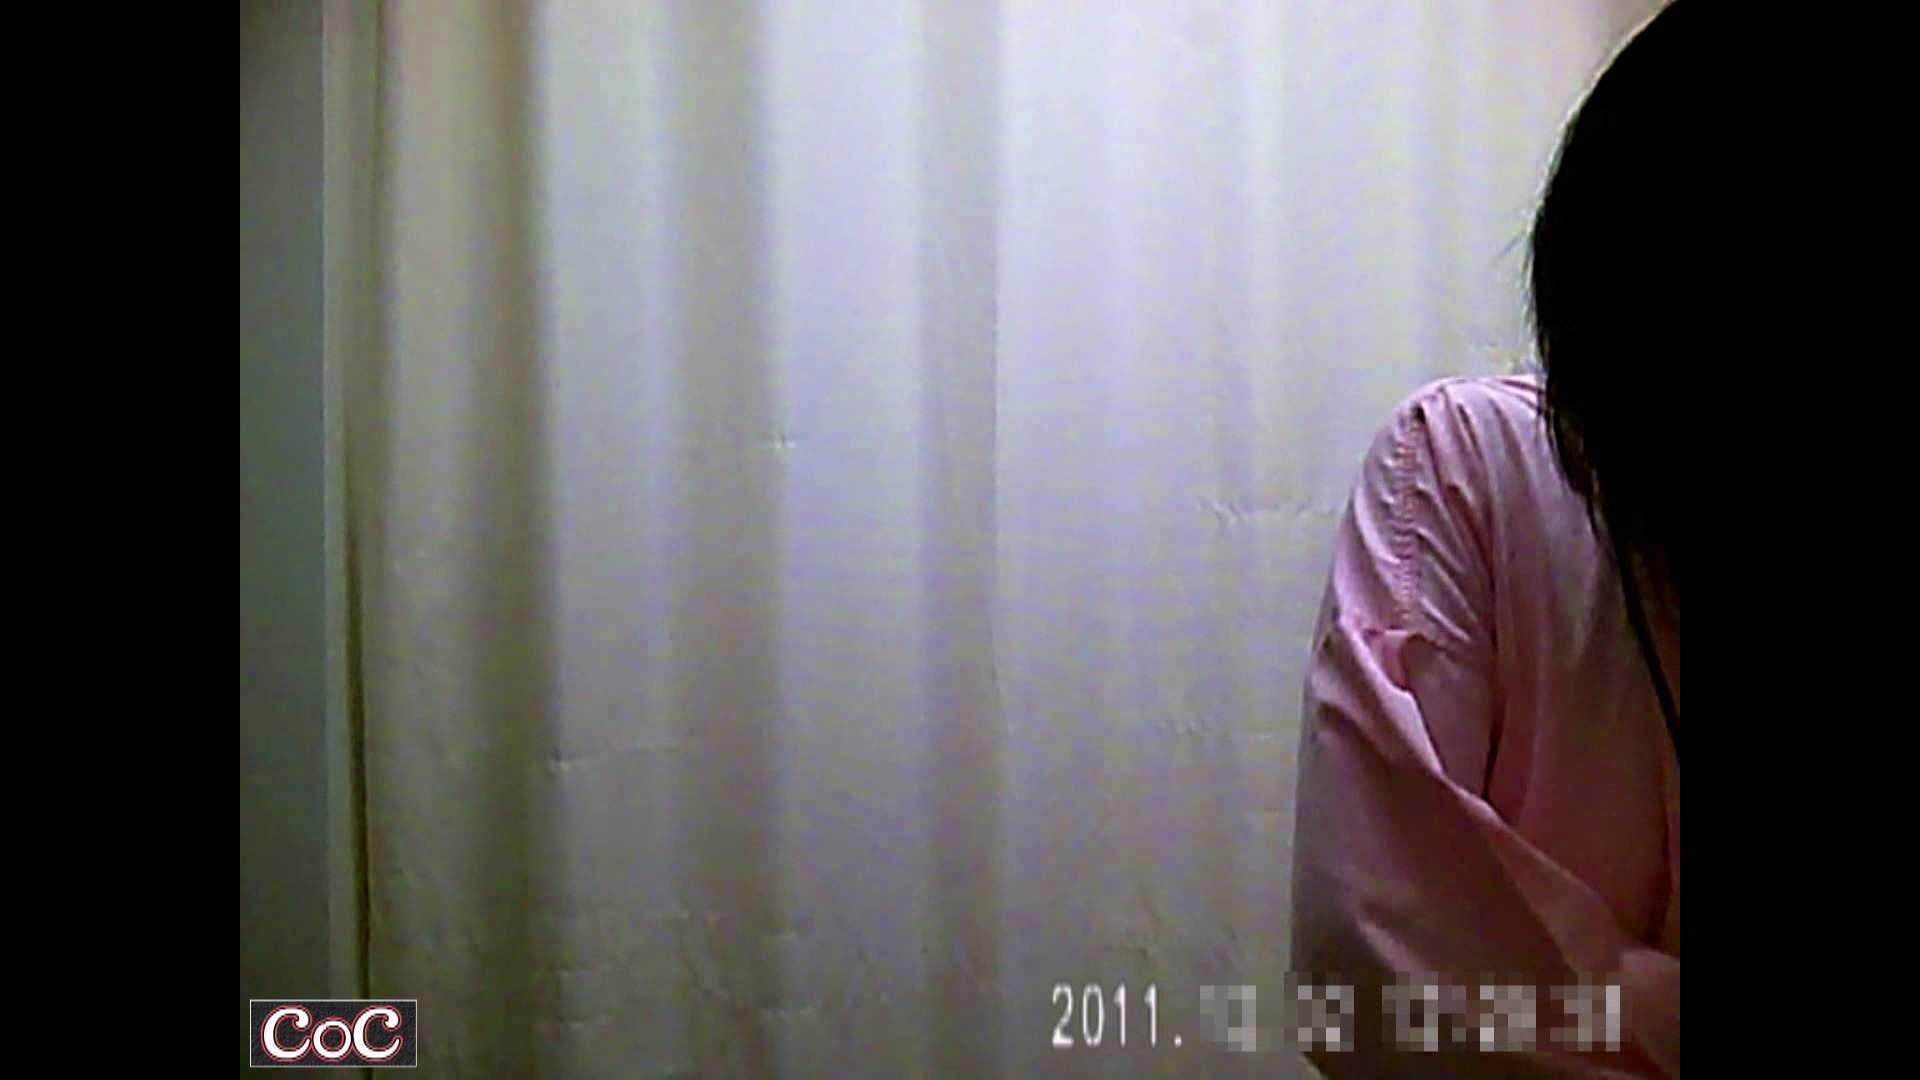 病院おもいっきり着替え! vol.109 OLすけべ画像 オメコ動画キャプチャ 59連発 30